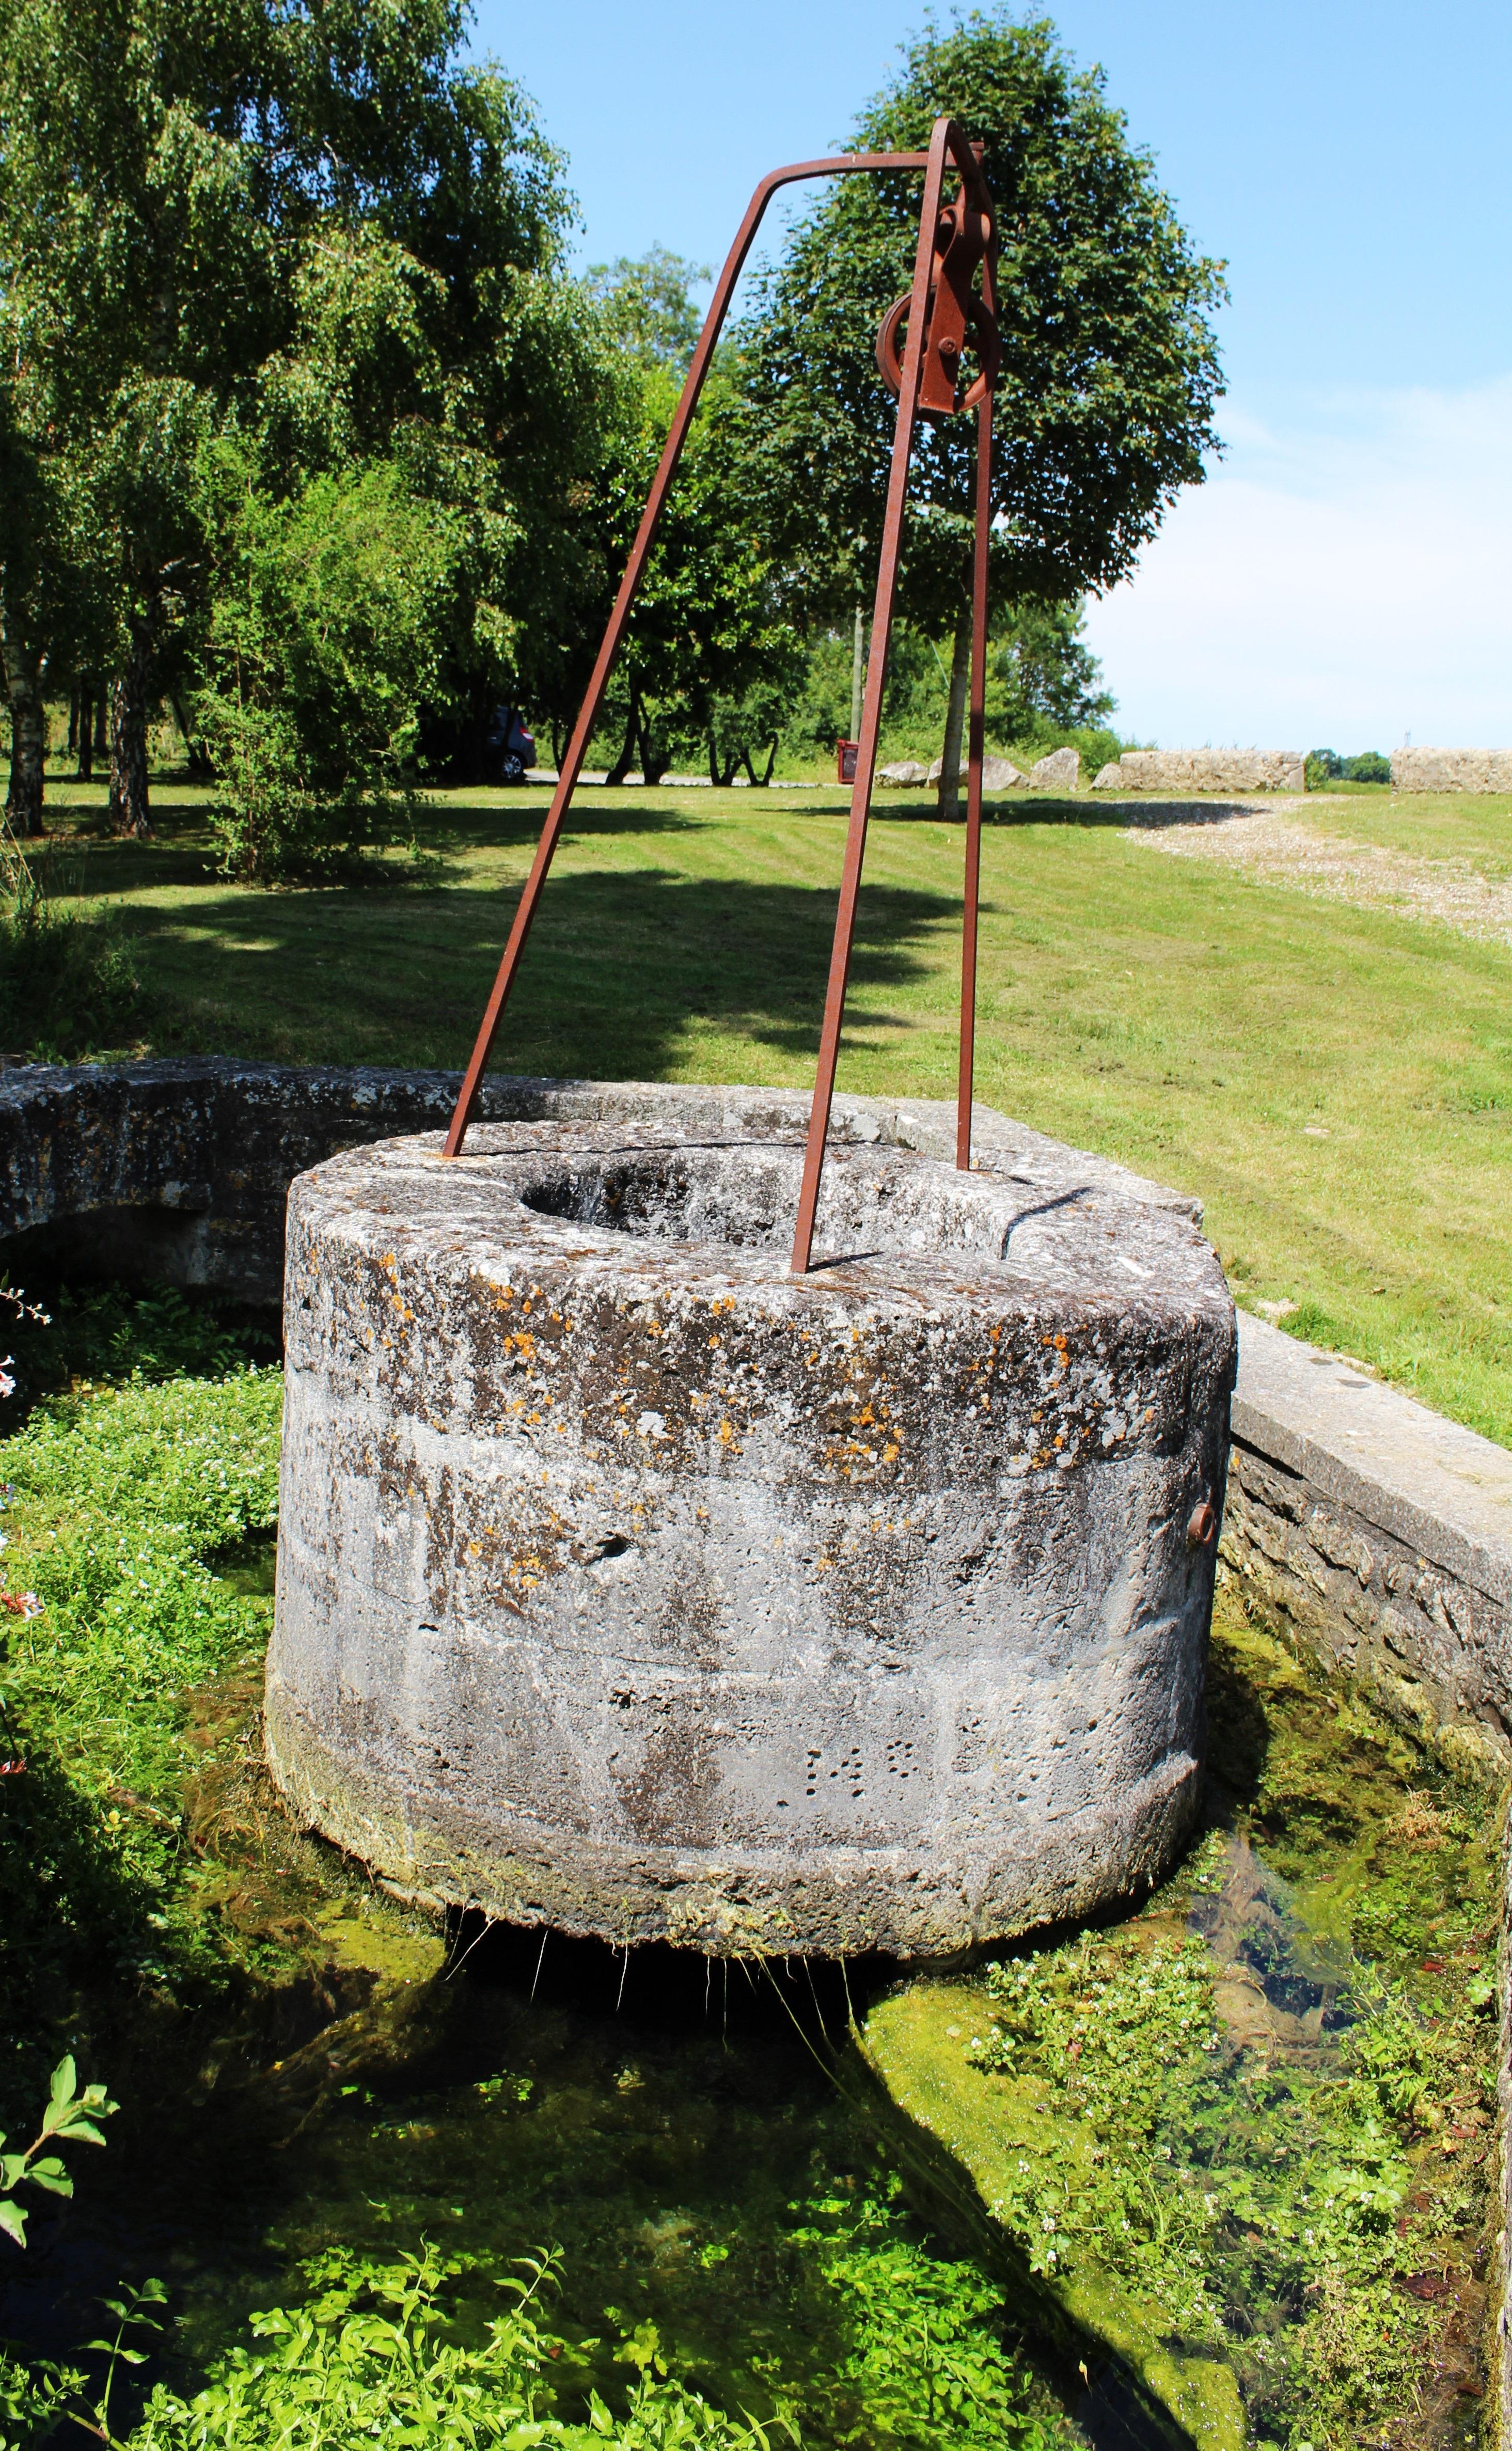 rbol agua francia jardn escultura bien polea pre fuente de agua charente bien de piedra antiguos